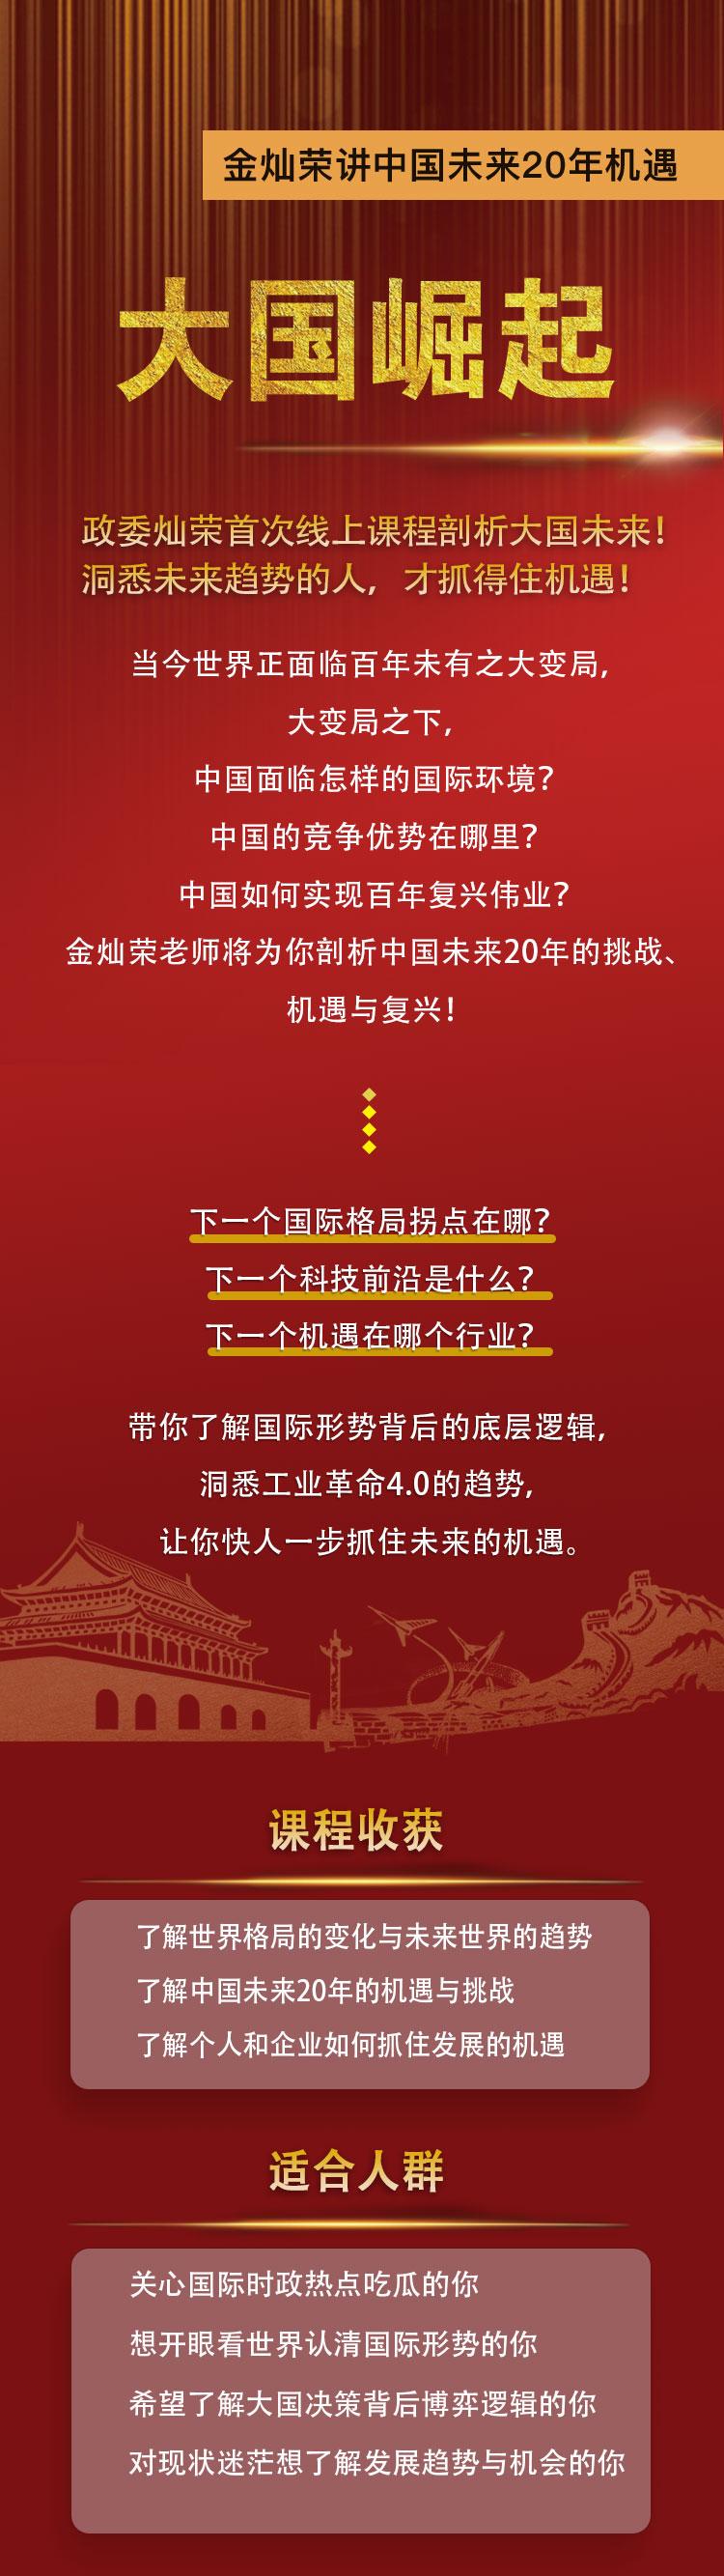 音頻-喜馬拉雅(付費)-大國崛起:金燦榮講未來中國20年機遇